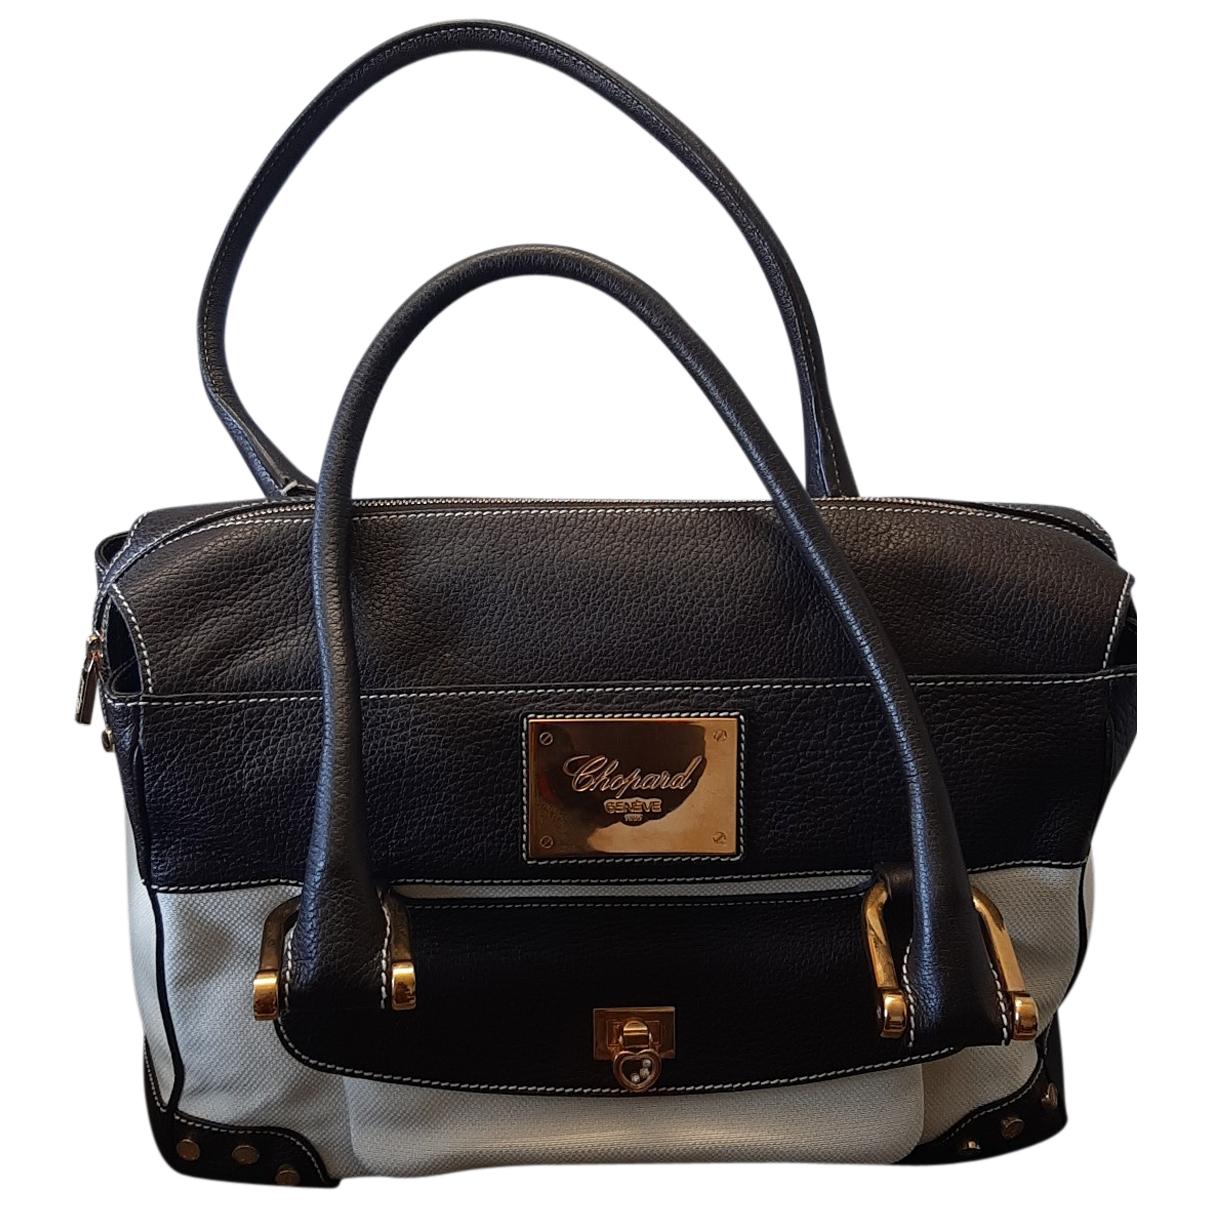 Chopard \N Handtasche in  Beige Leinen